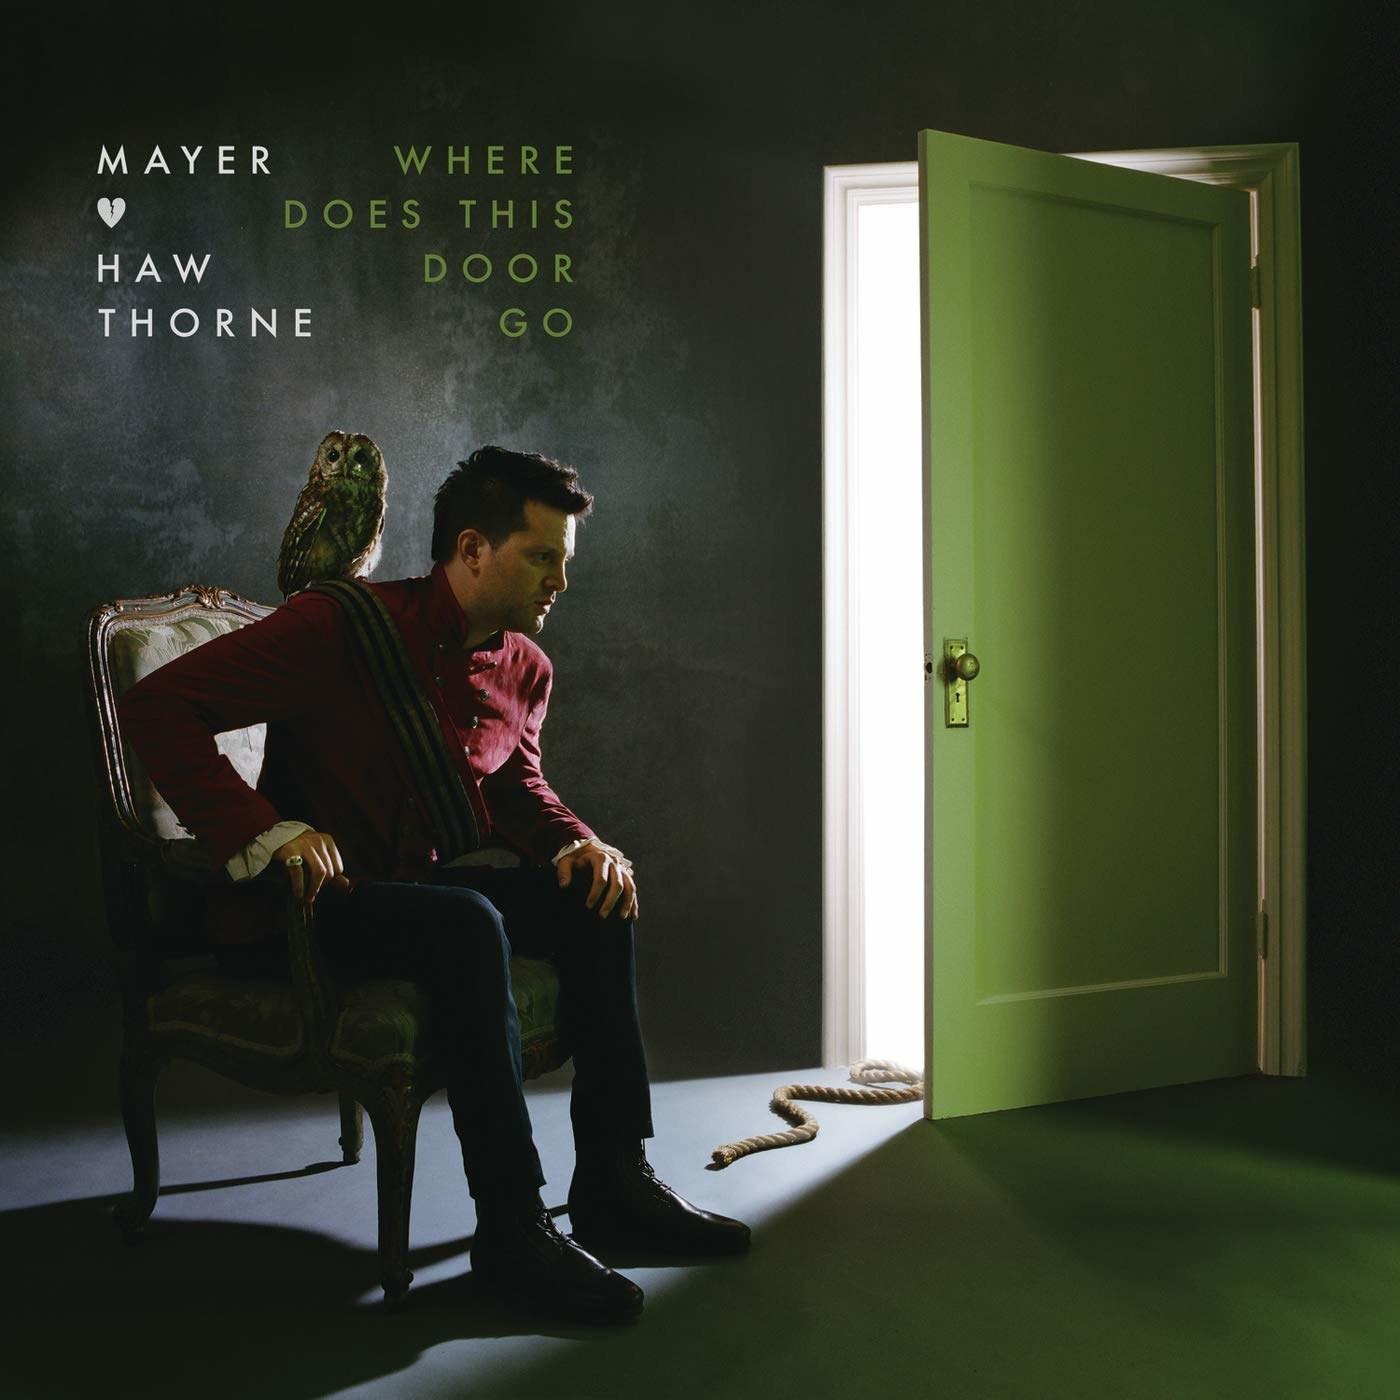 Mayer Hawthorne sitting in front of an open door.